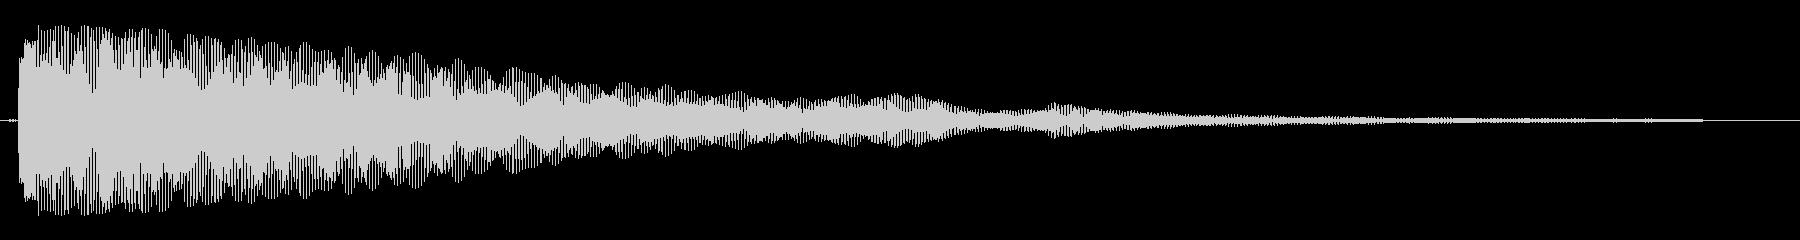 キワァ〜ン(複数の重なり音)の未再生の波形